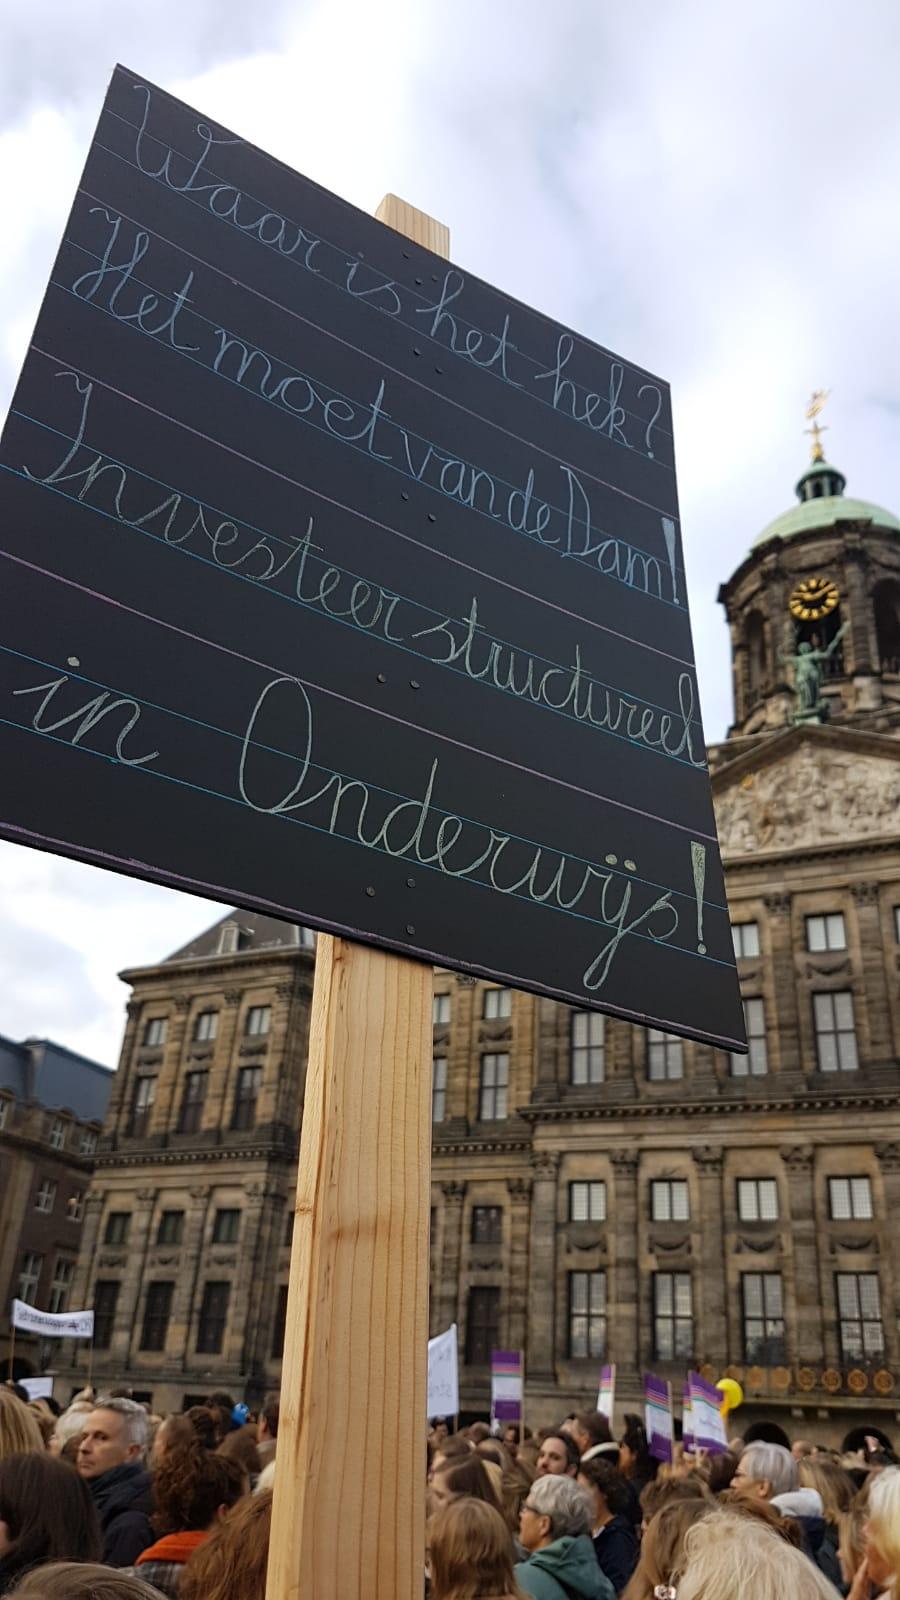 Staking – Ook docenten van het Bonhoeffercollege komen op voor de toekomst van het onderwijs